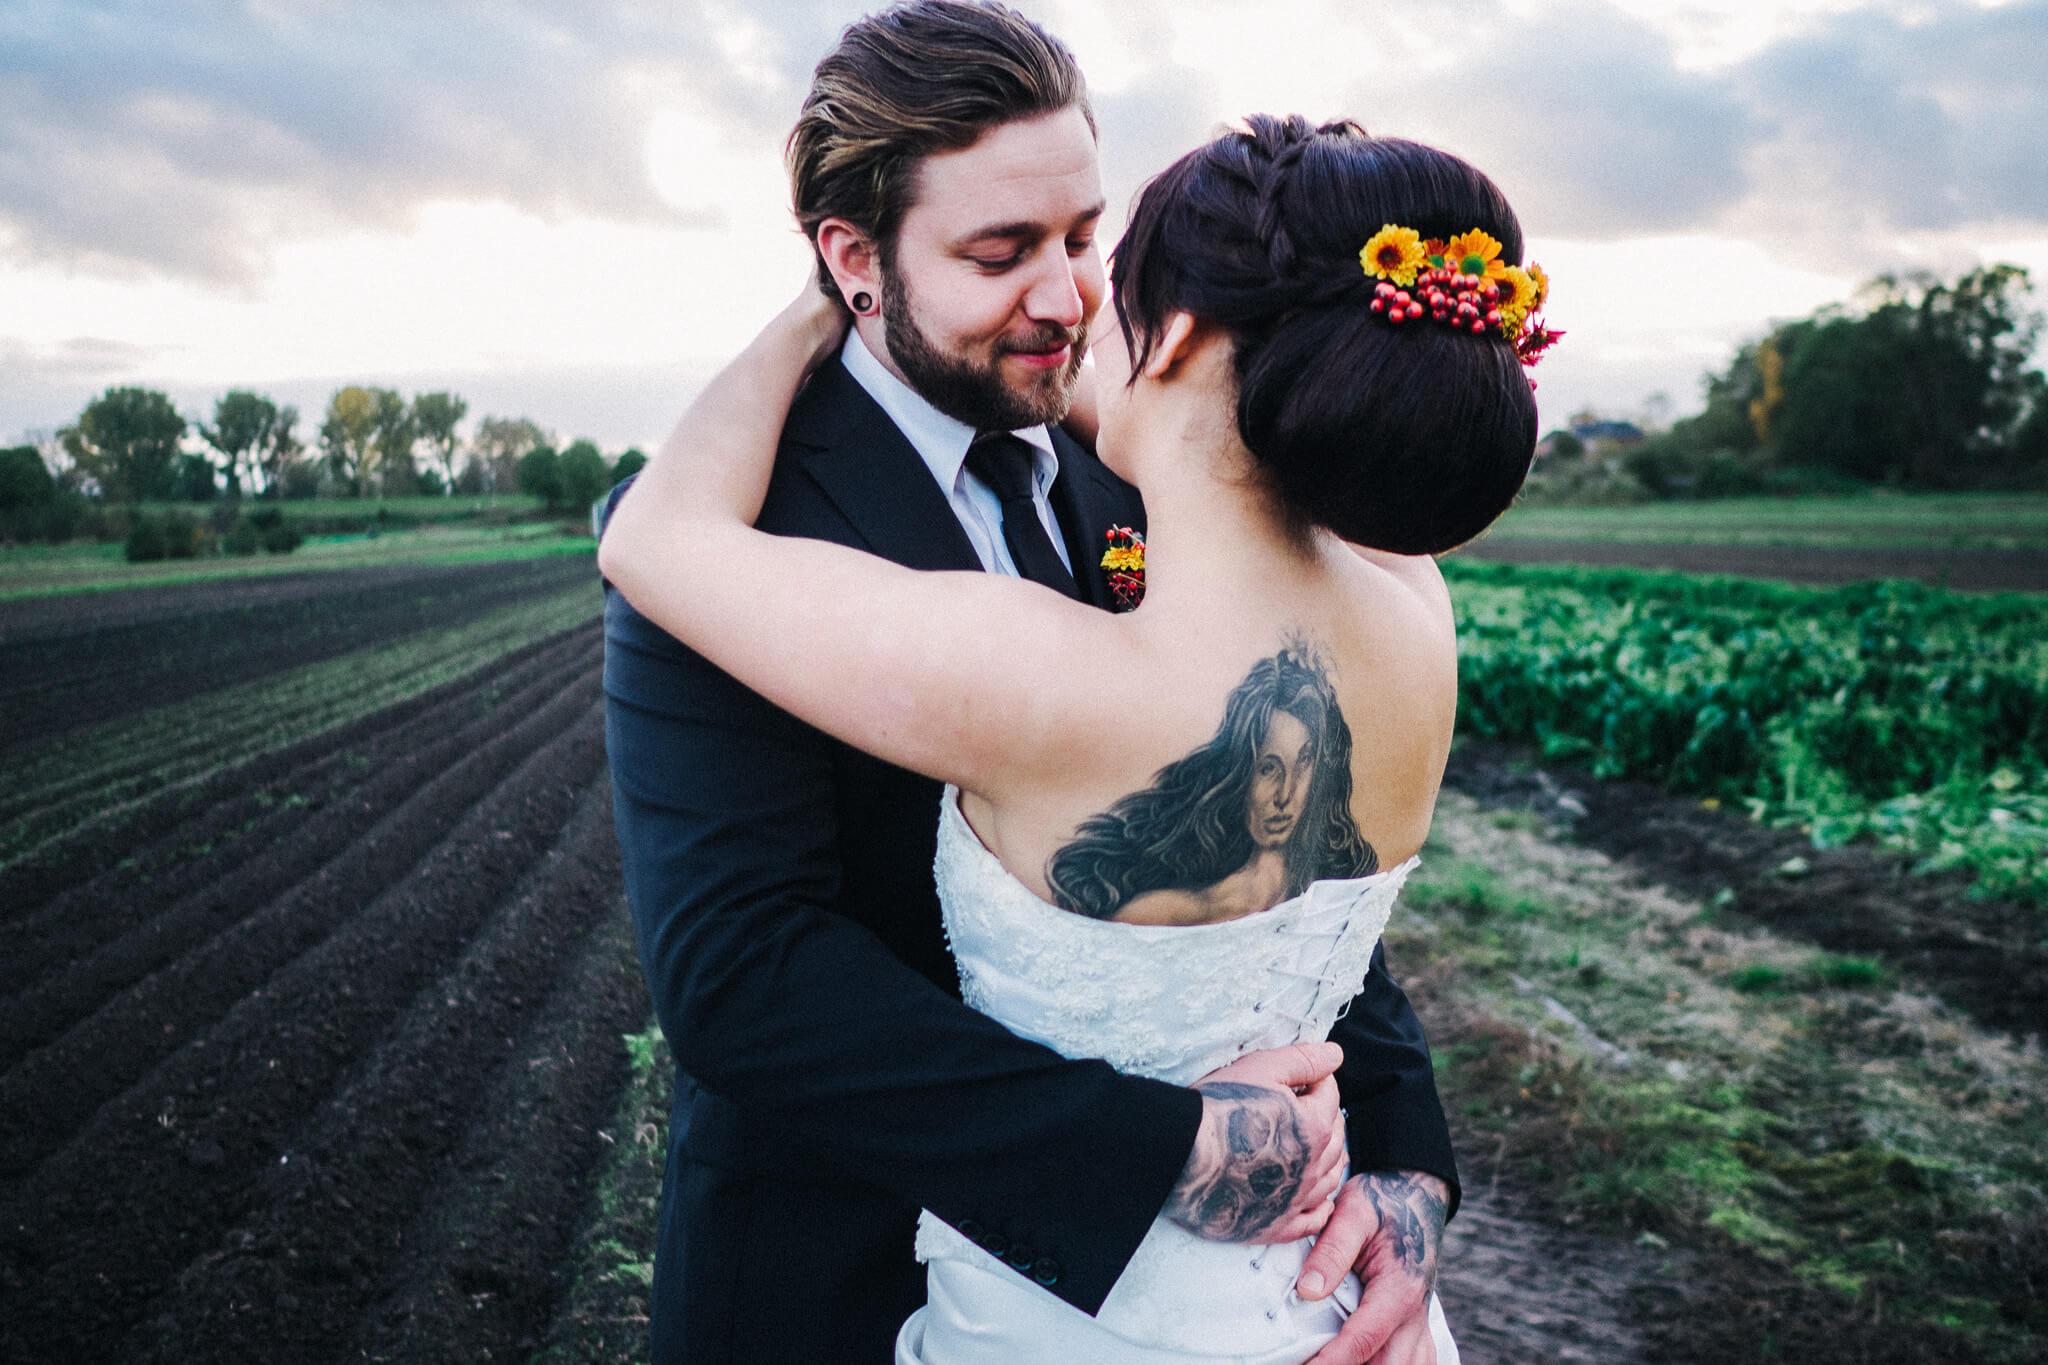 Styledshooting-Hamburg-Torben_roehricht, Brautpaar auf dem Feld